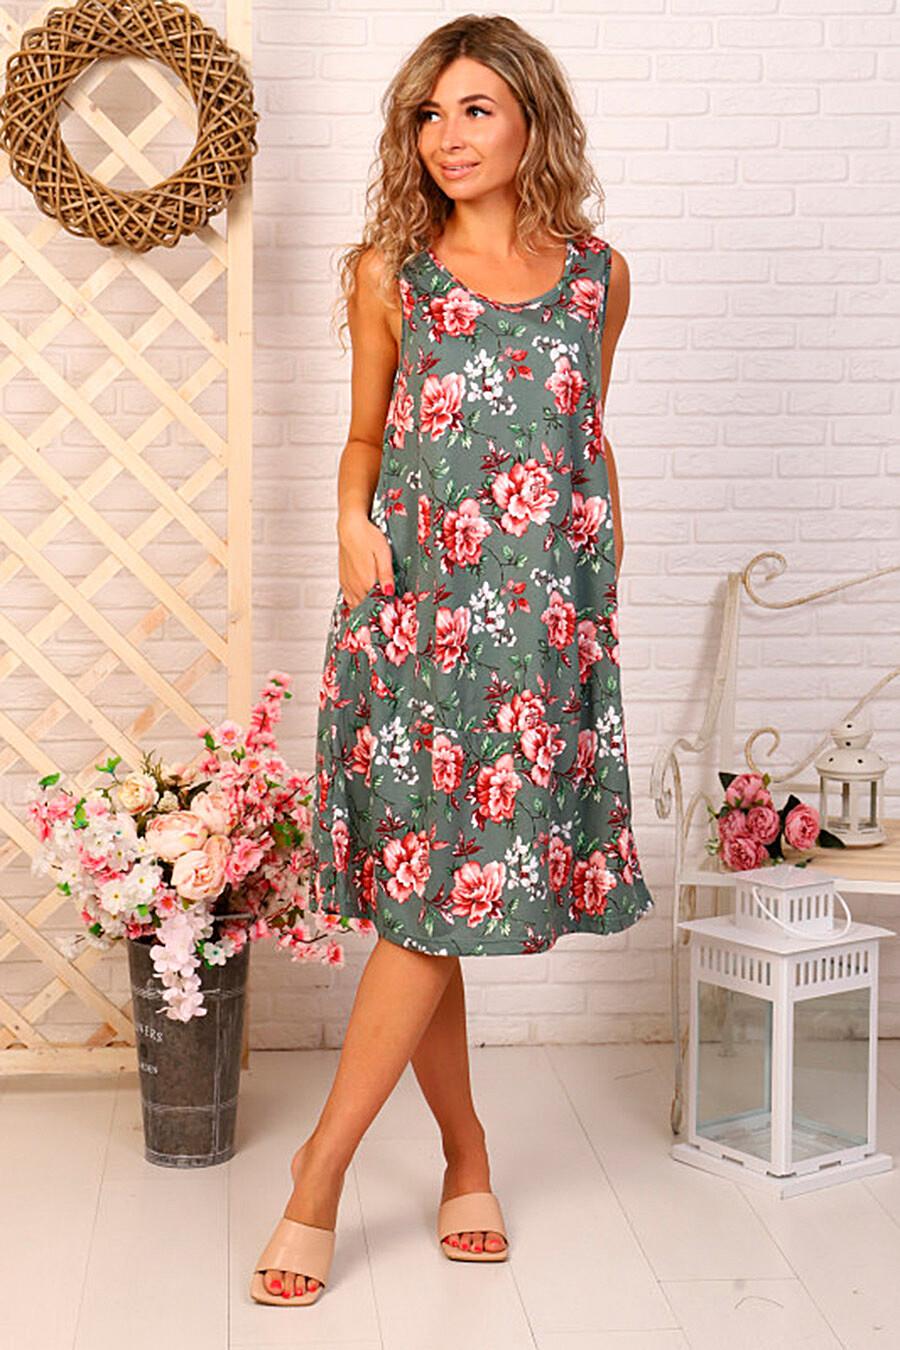 Сарафан для женщин SOFIYA37 682283 купить оптом от производителя. Совместная покупка женской одежды в OptMoyo